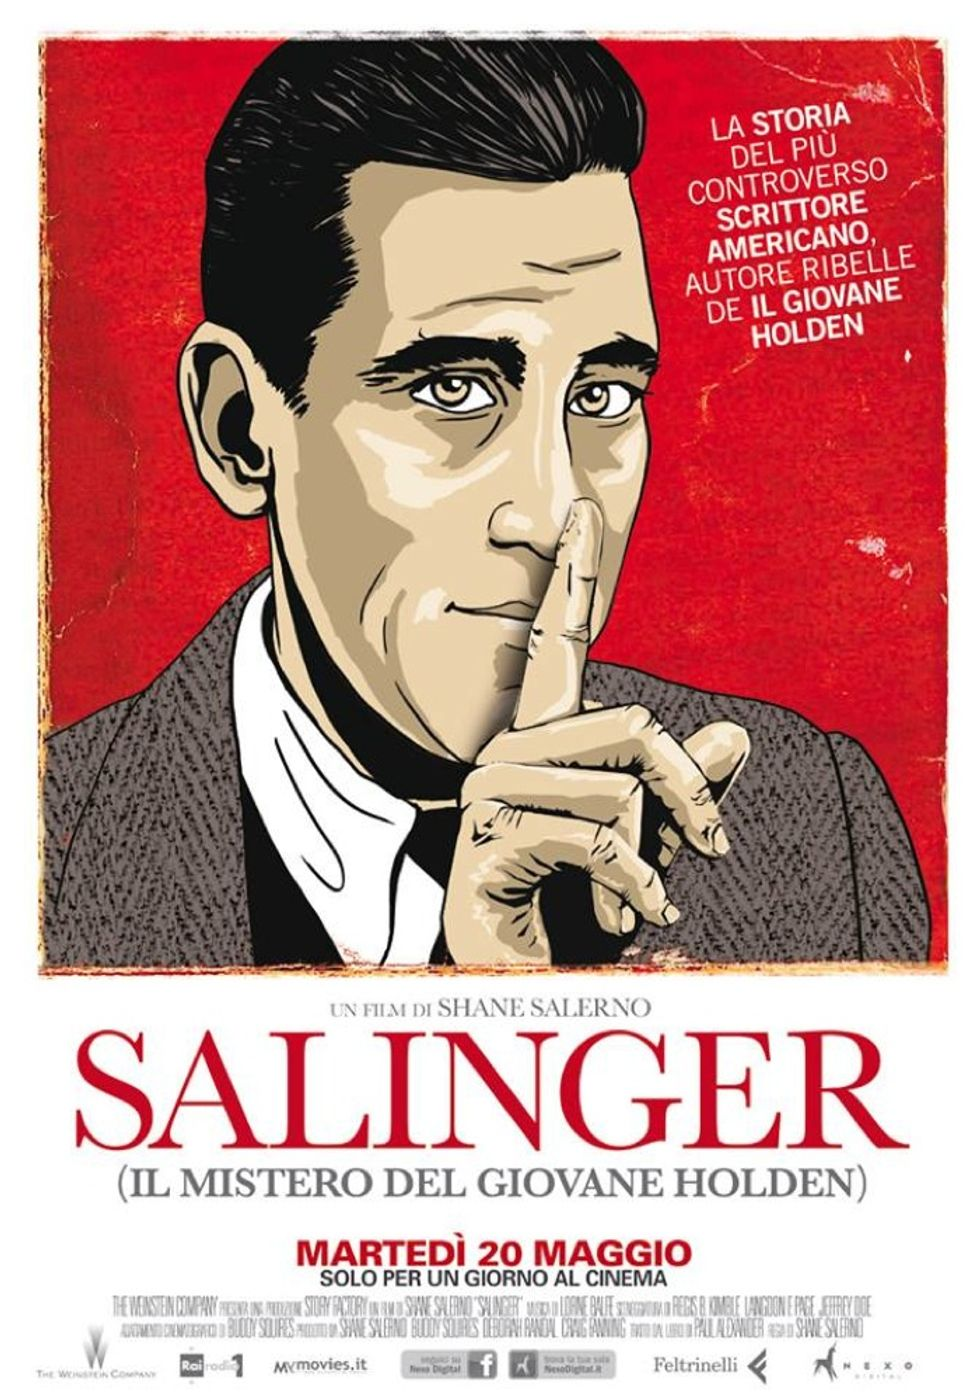 Il mistero della vita di J.D. Salinger